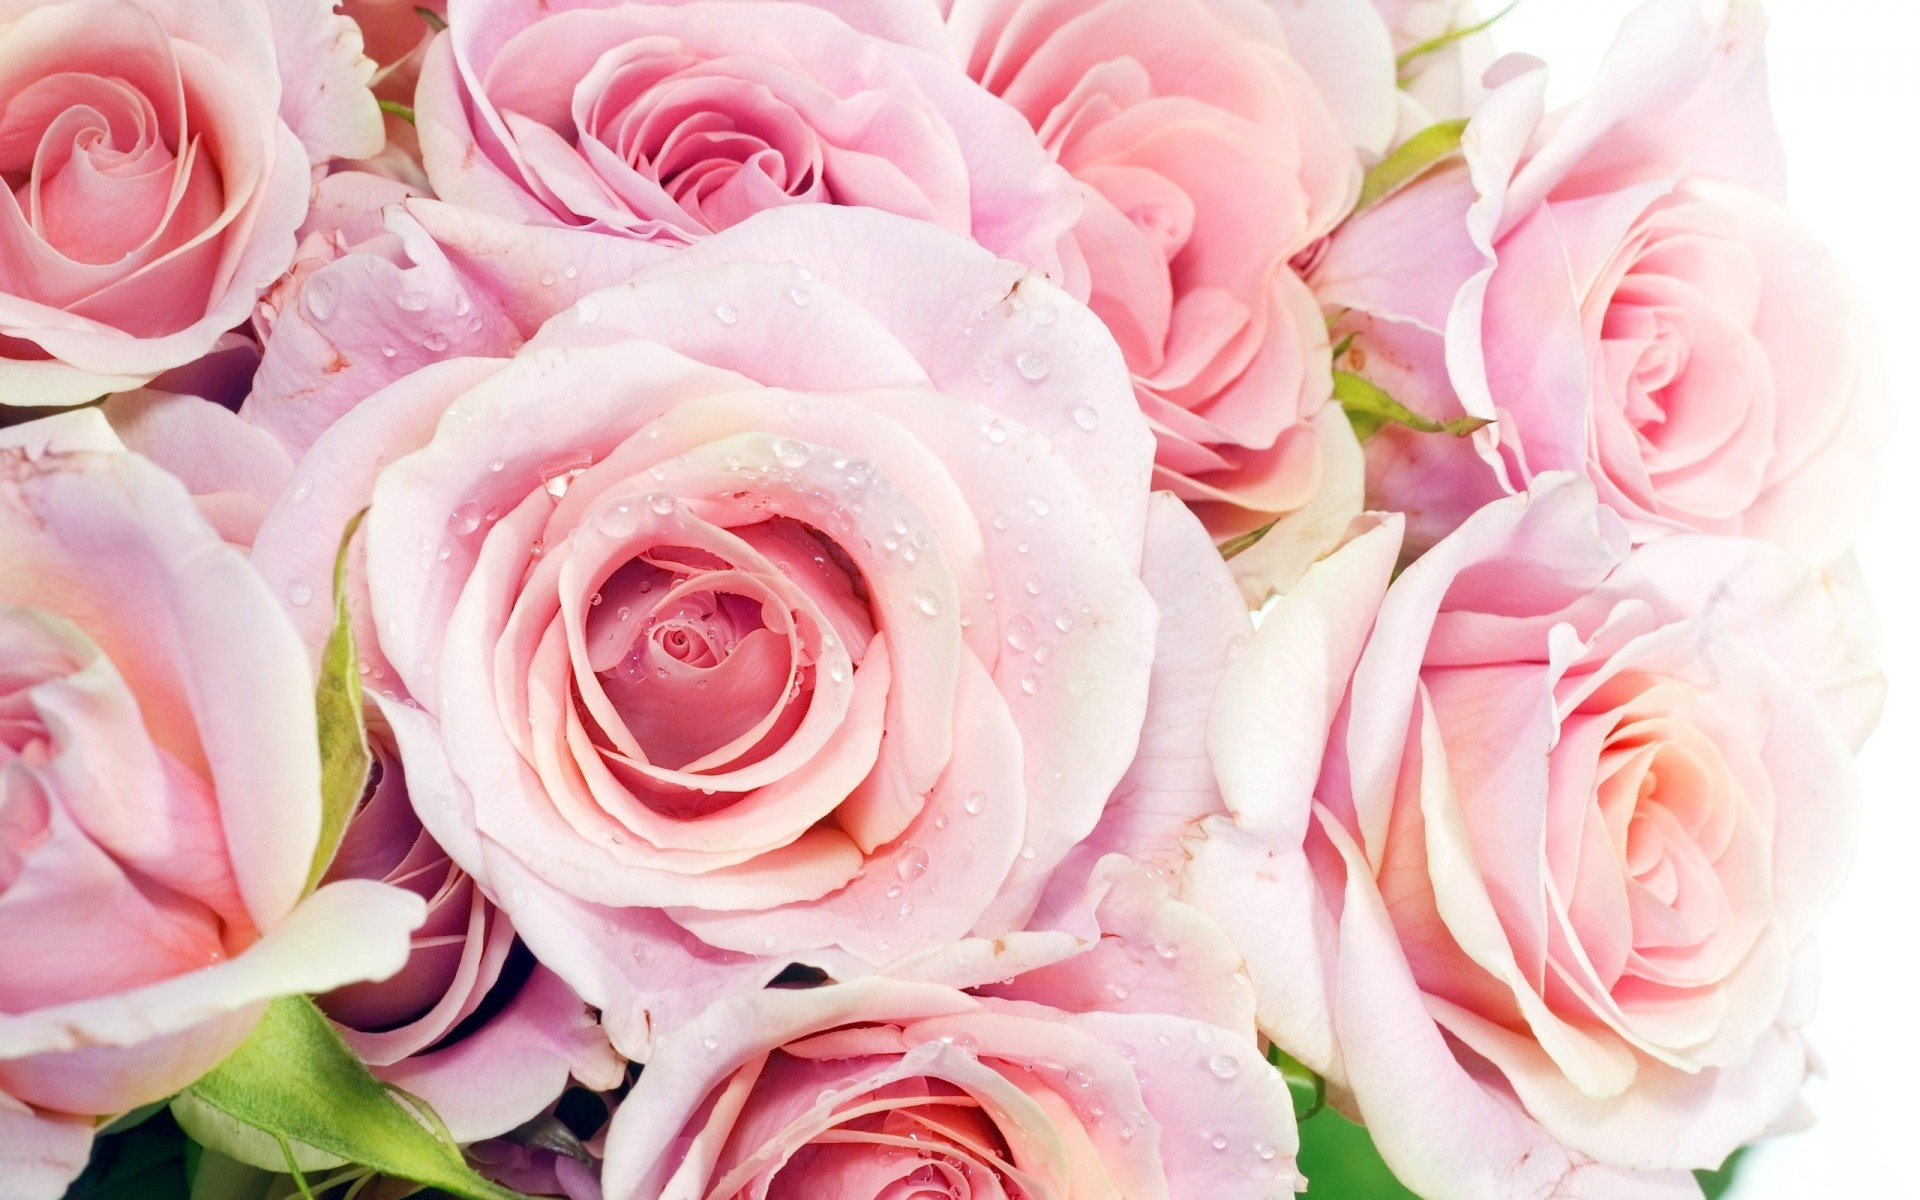 отец картинка на рабочий стол розы нежные ценный сорт древесины